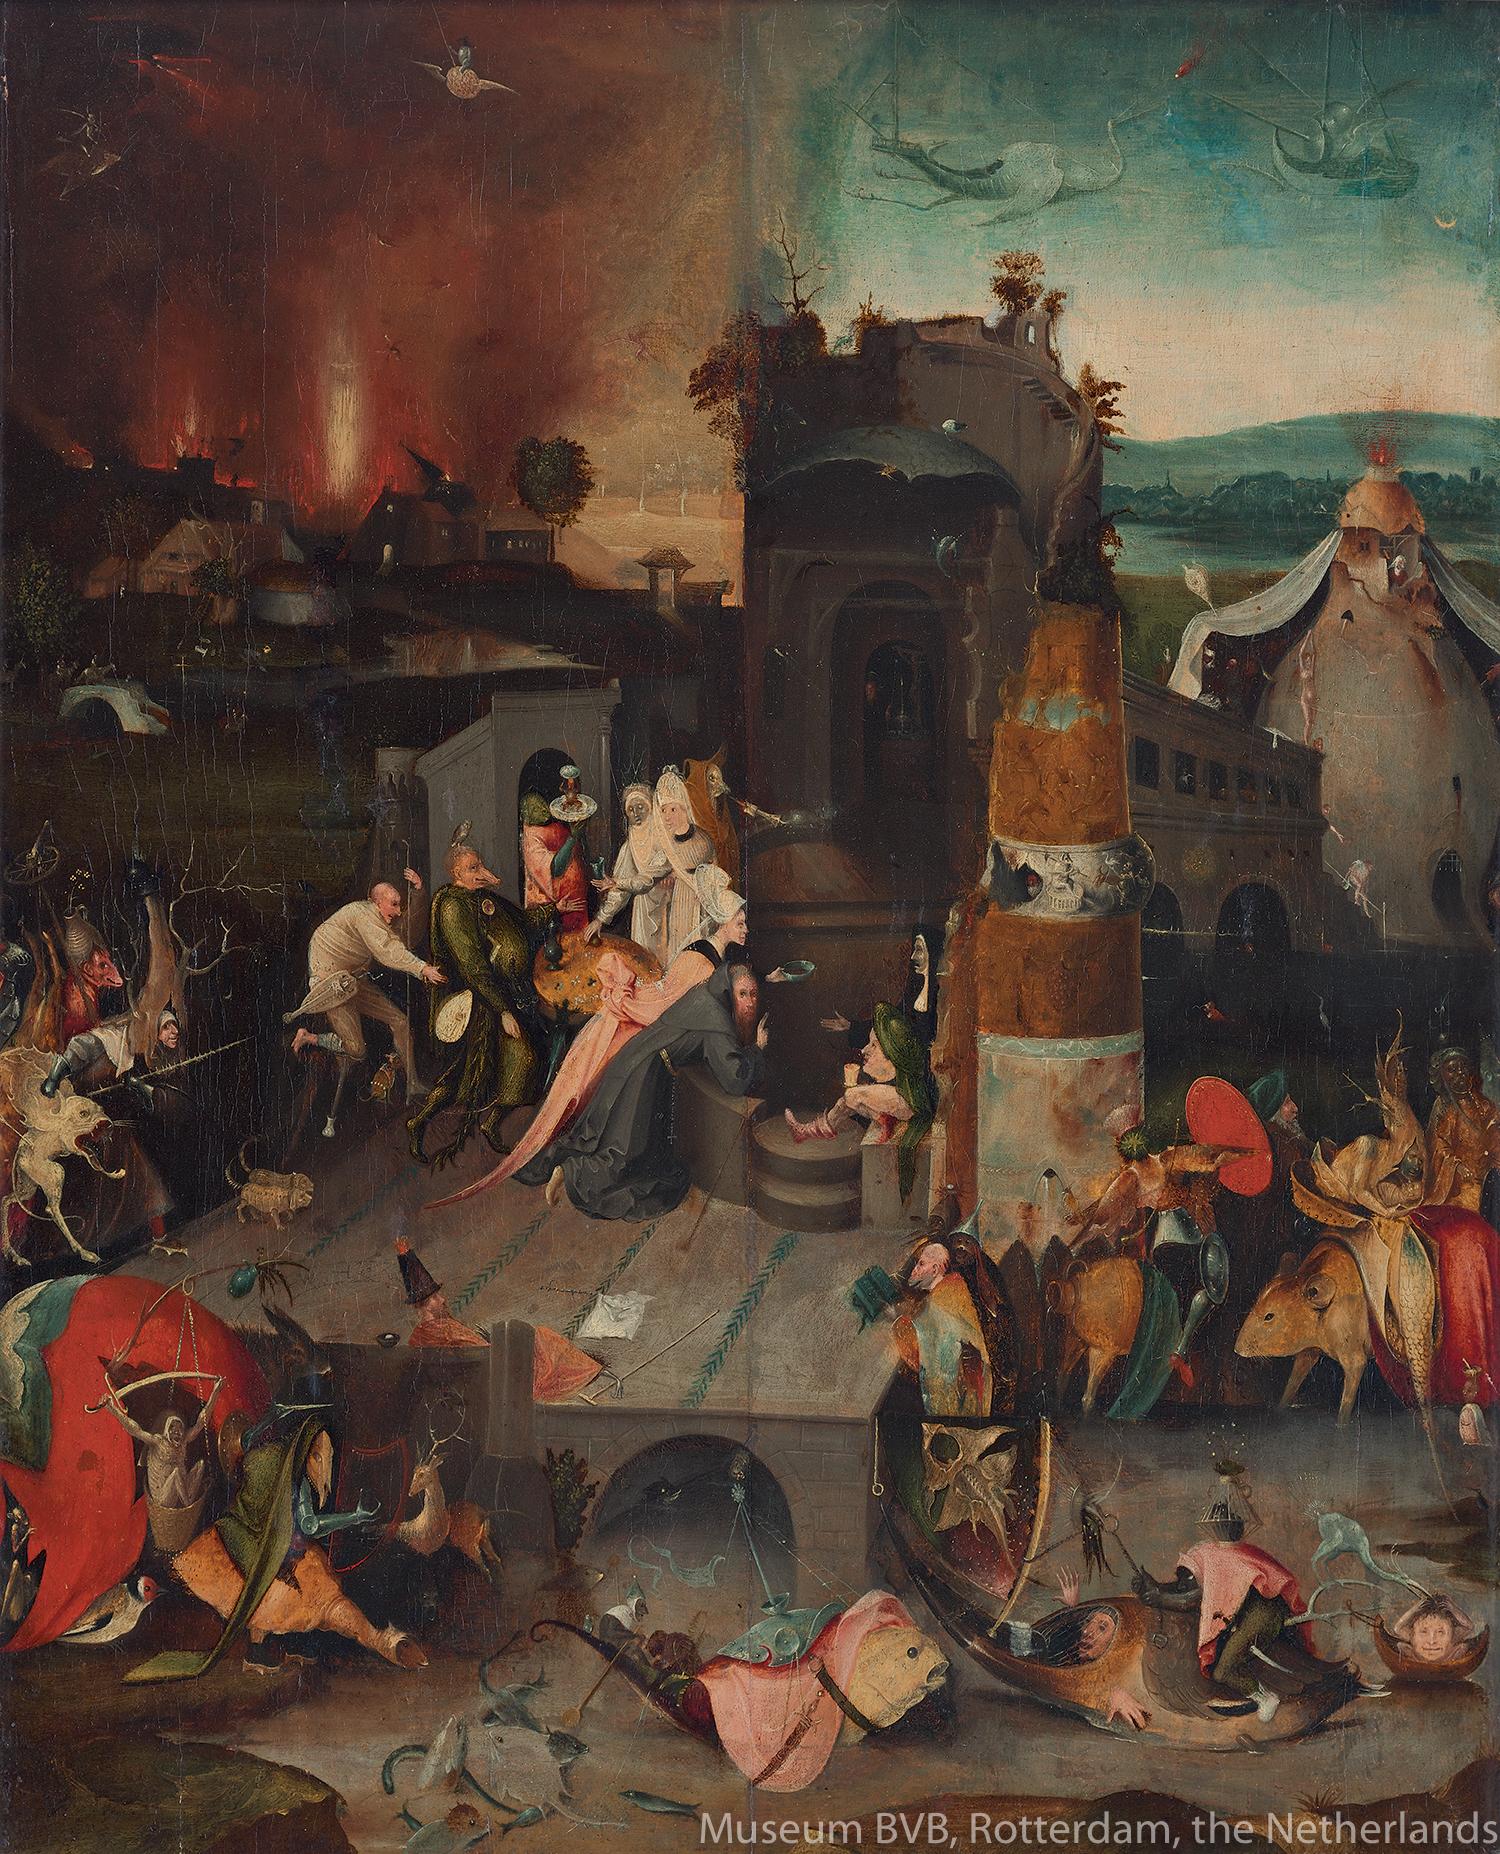 ヒエロニムス・ボスに基づく《聖アントニウスの誘惑》(1540年頃)